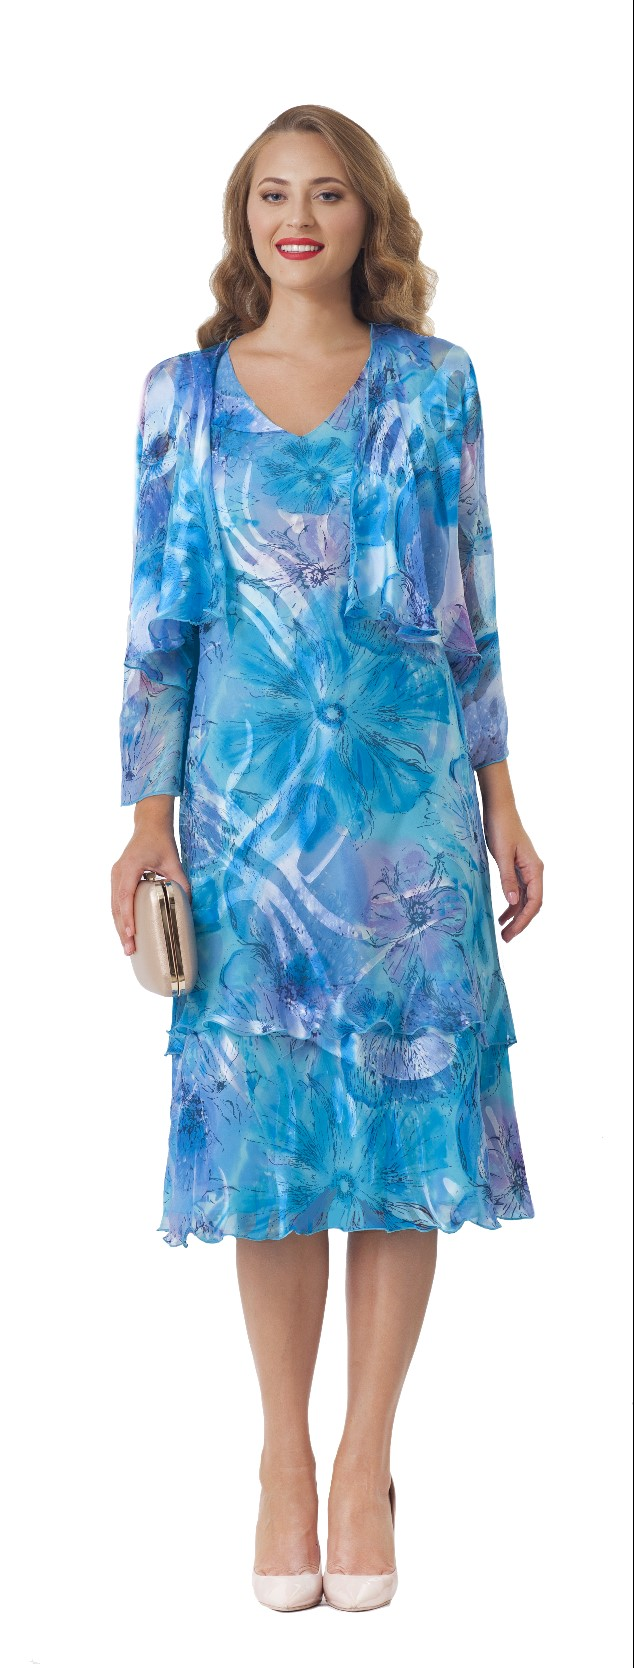 411102 DRESS+BOLERO.jpg